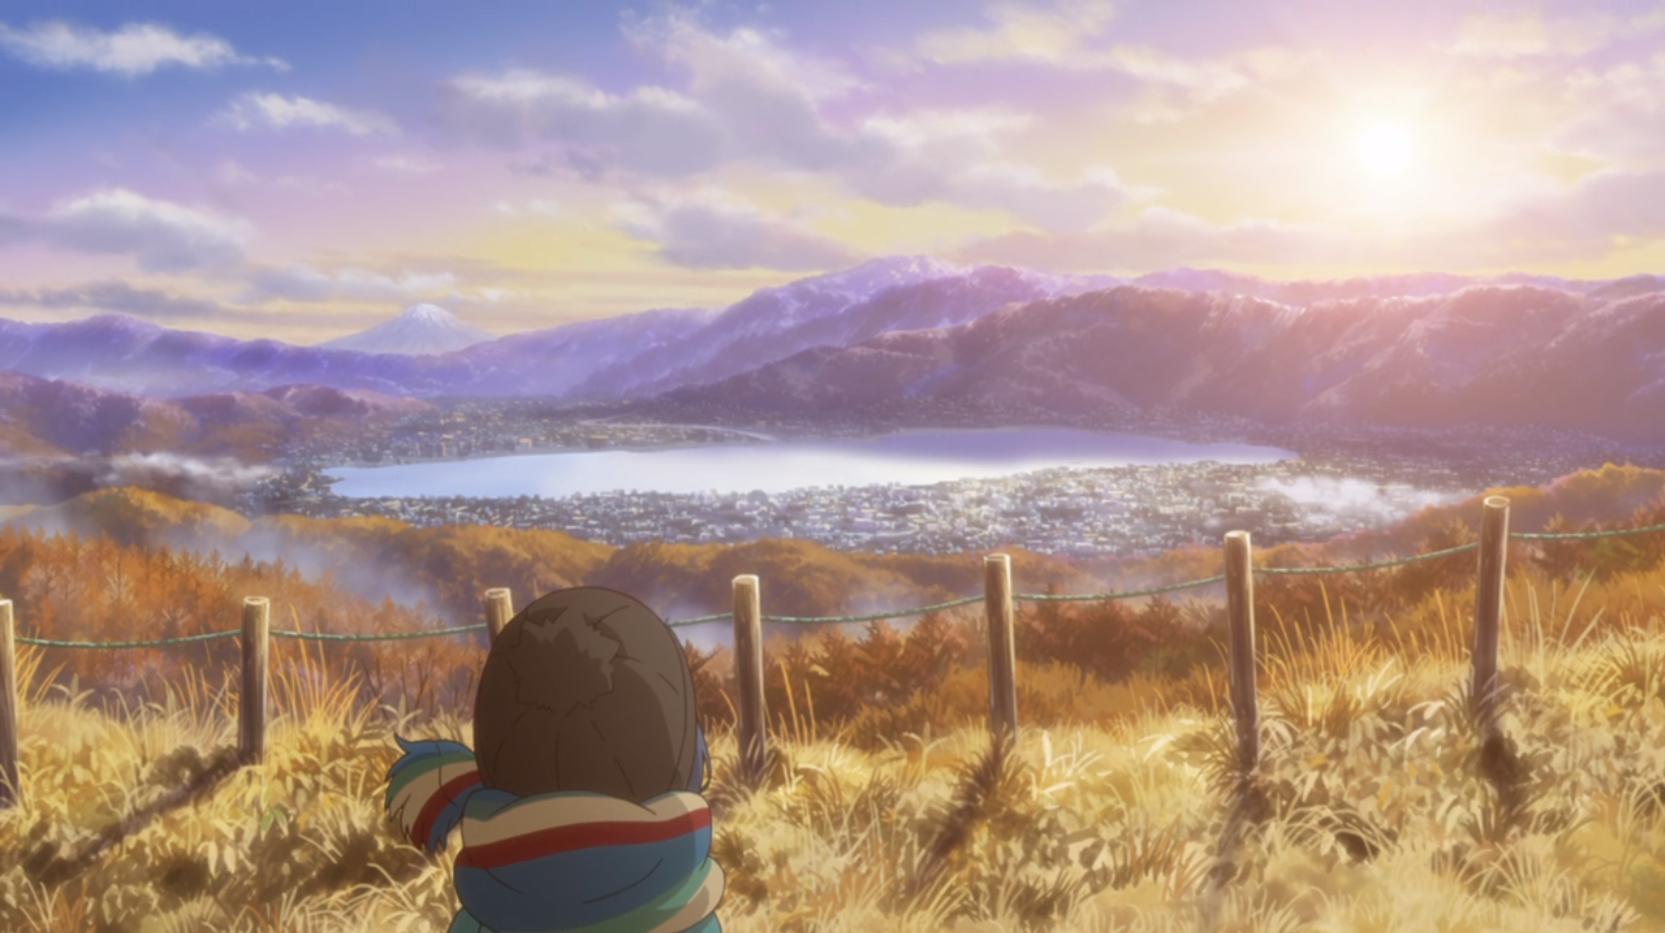 ニメ『ゆるキャン△』5話の高ボッチ高原頂上からの富士山側の景色